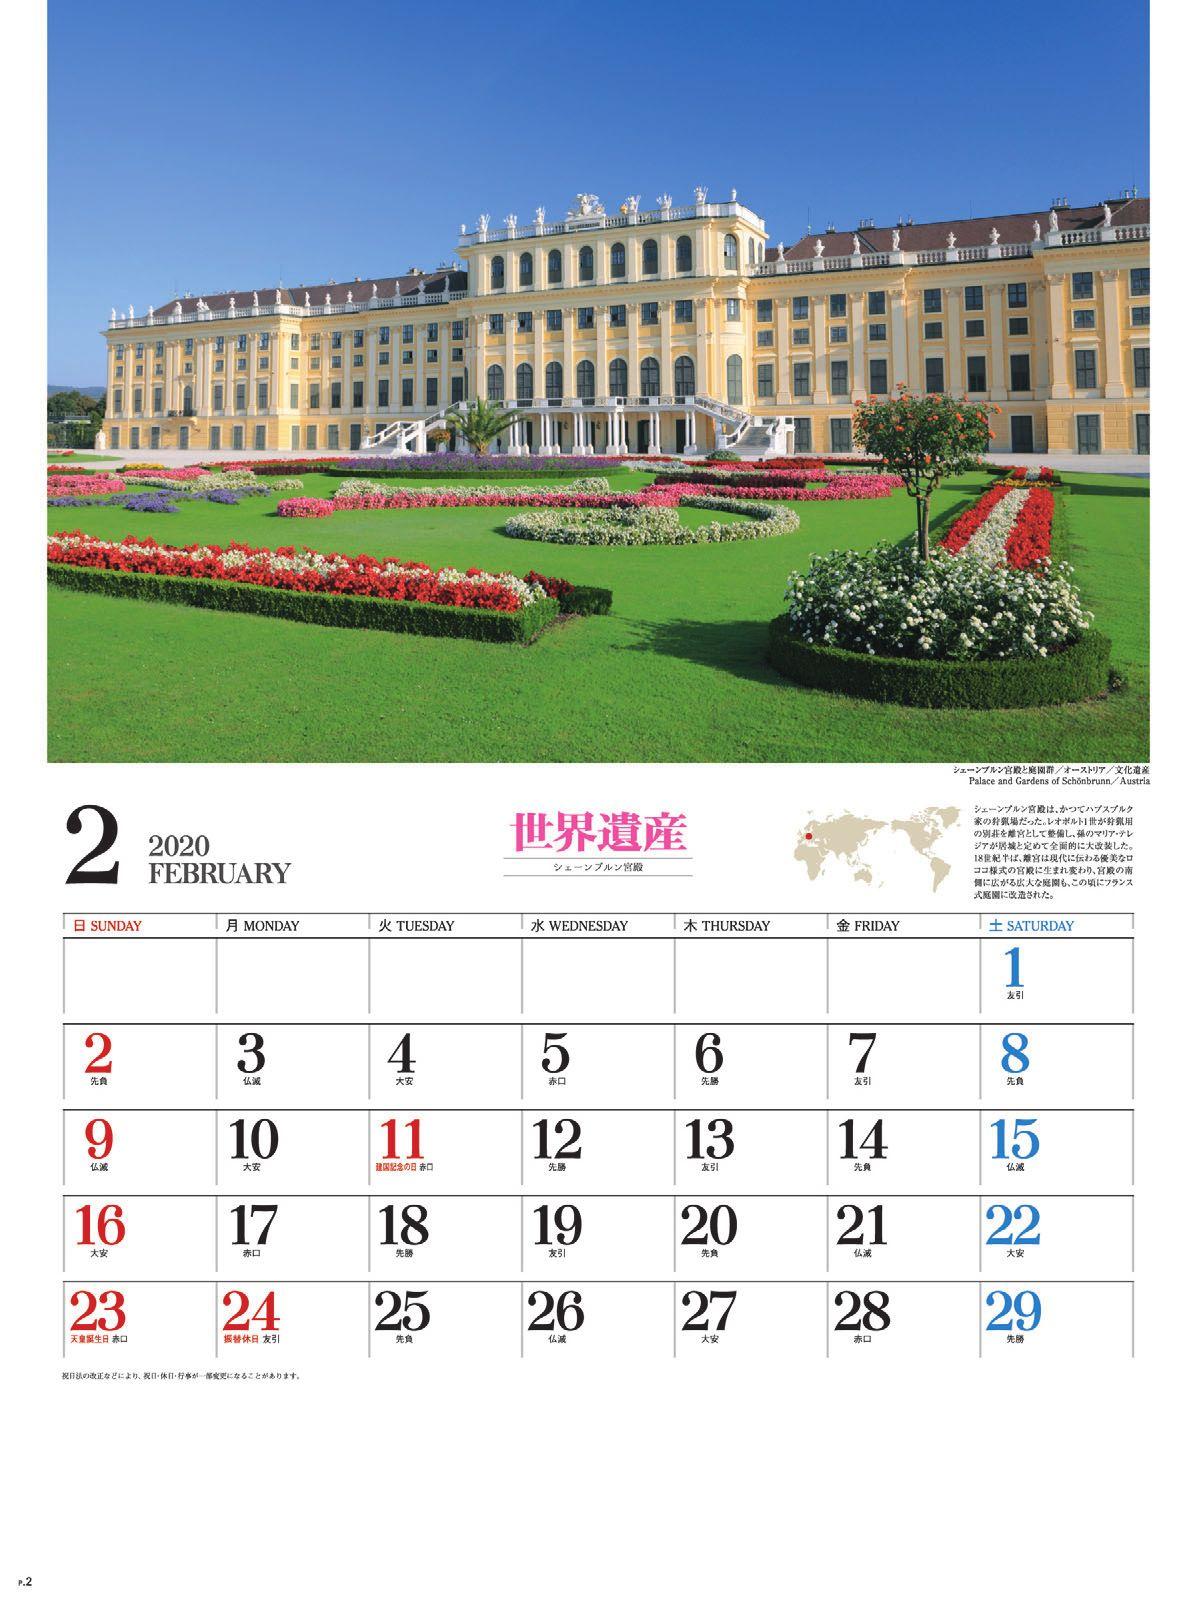 画像:シェーンブルン宮殿(オーストリア) ユネスコ世界遺産 2020年カレンダー